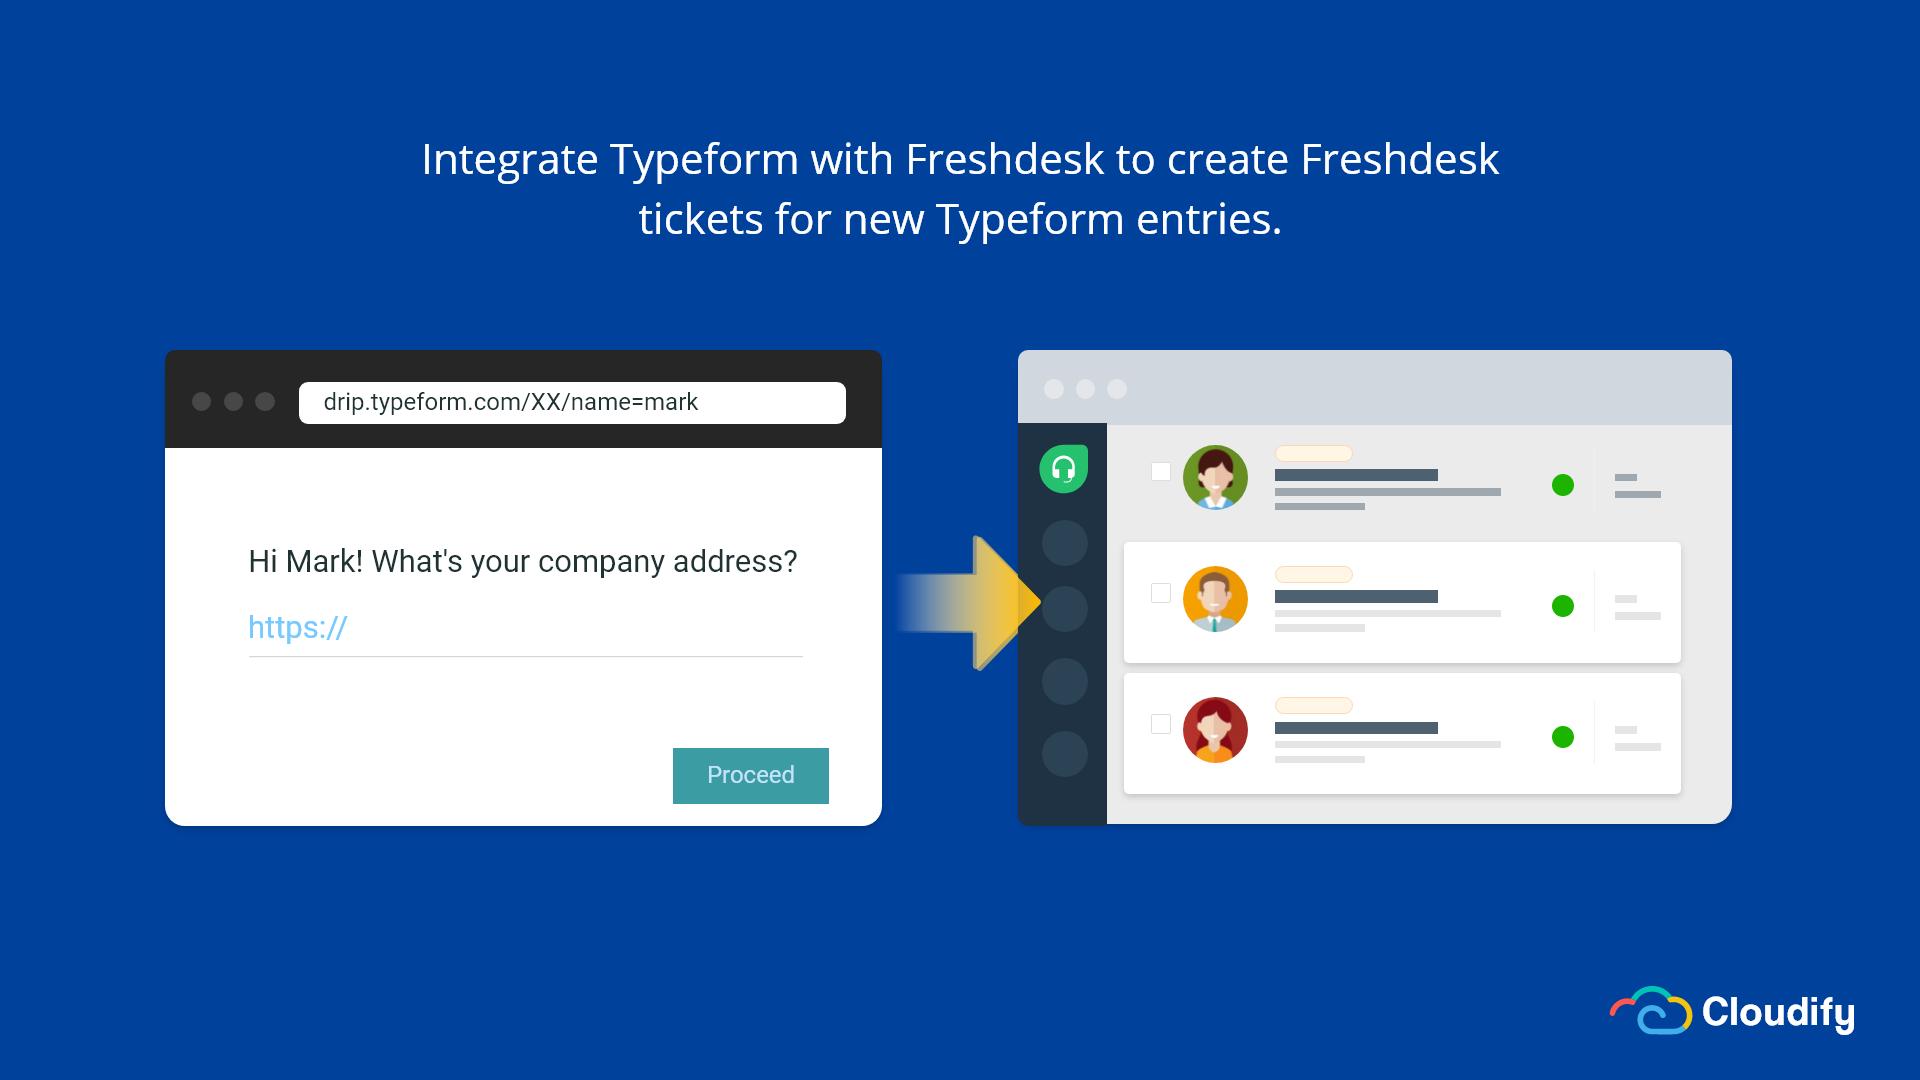 Typeform Freshdesk Integration